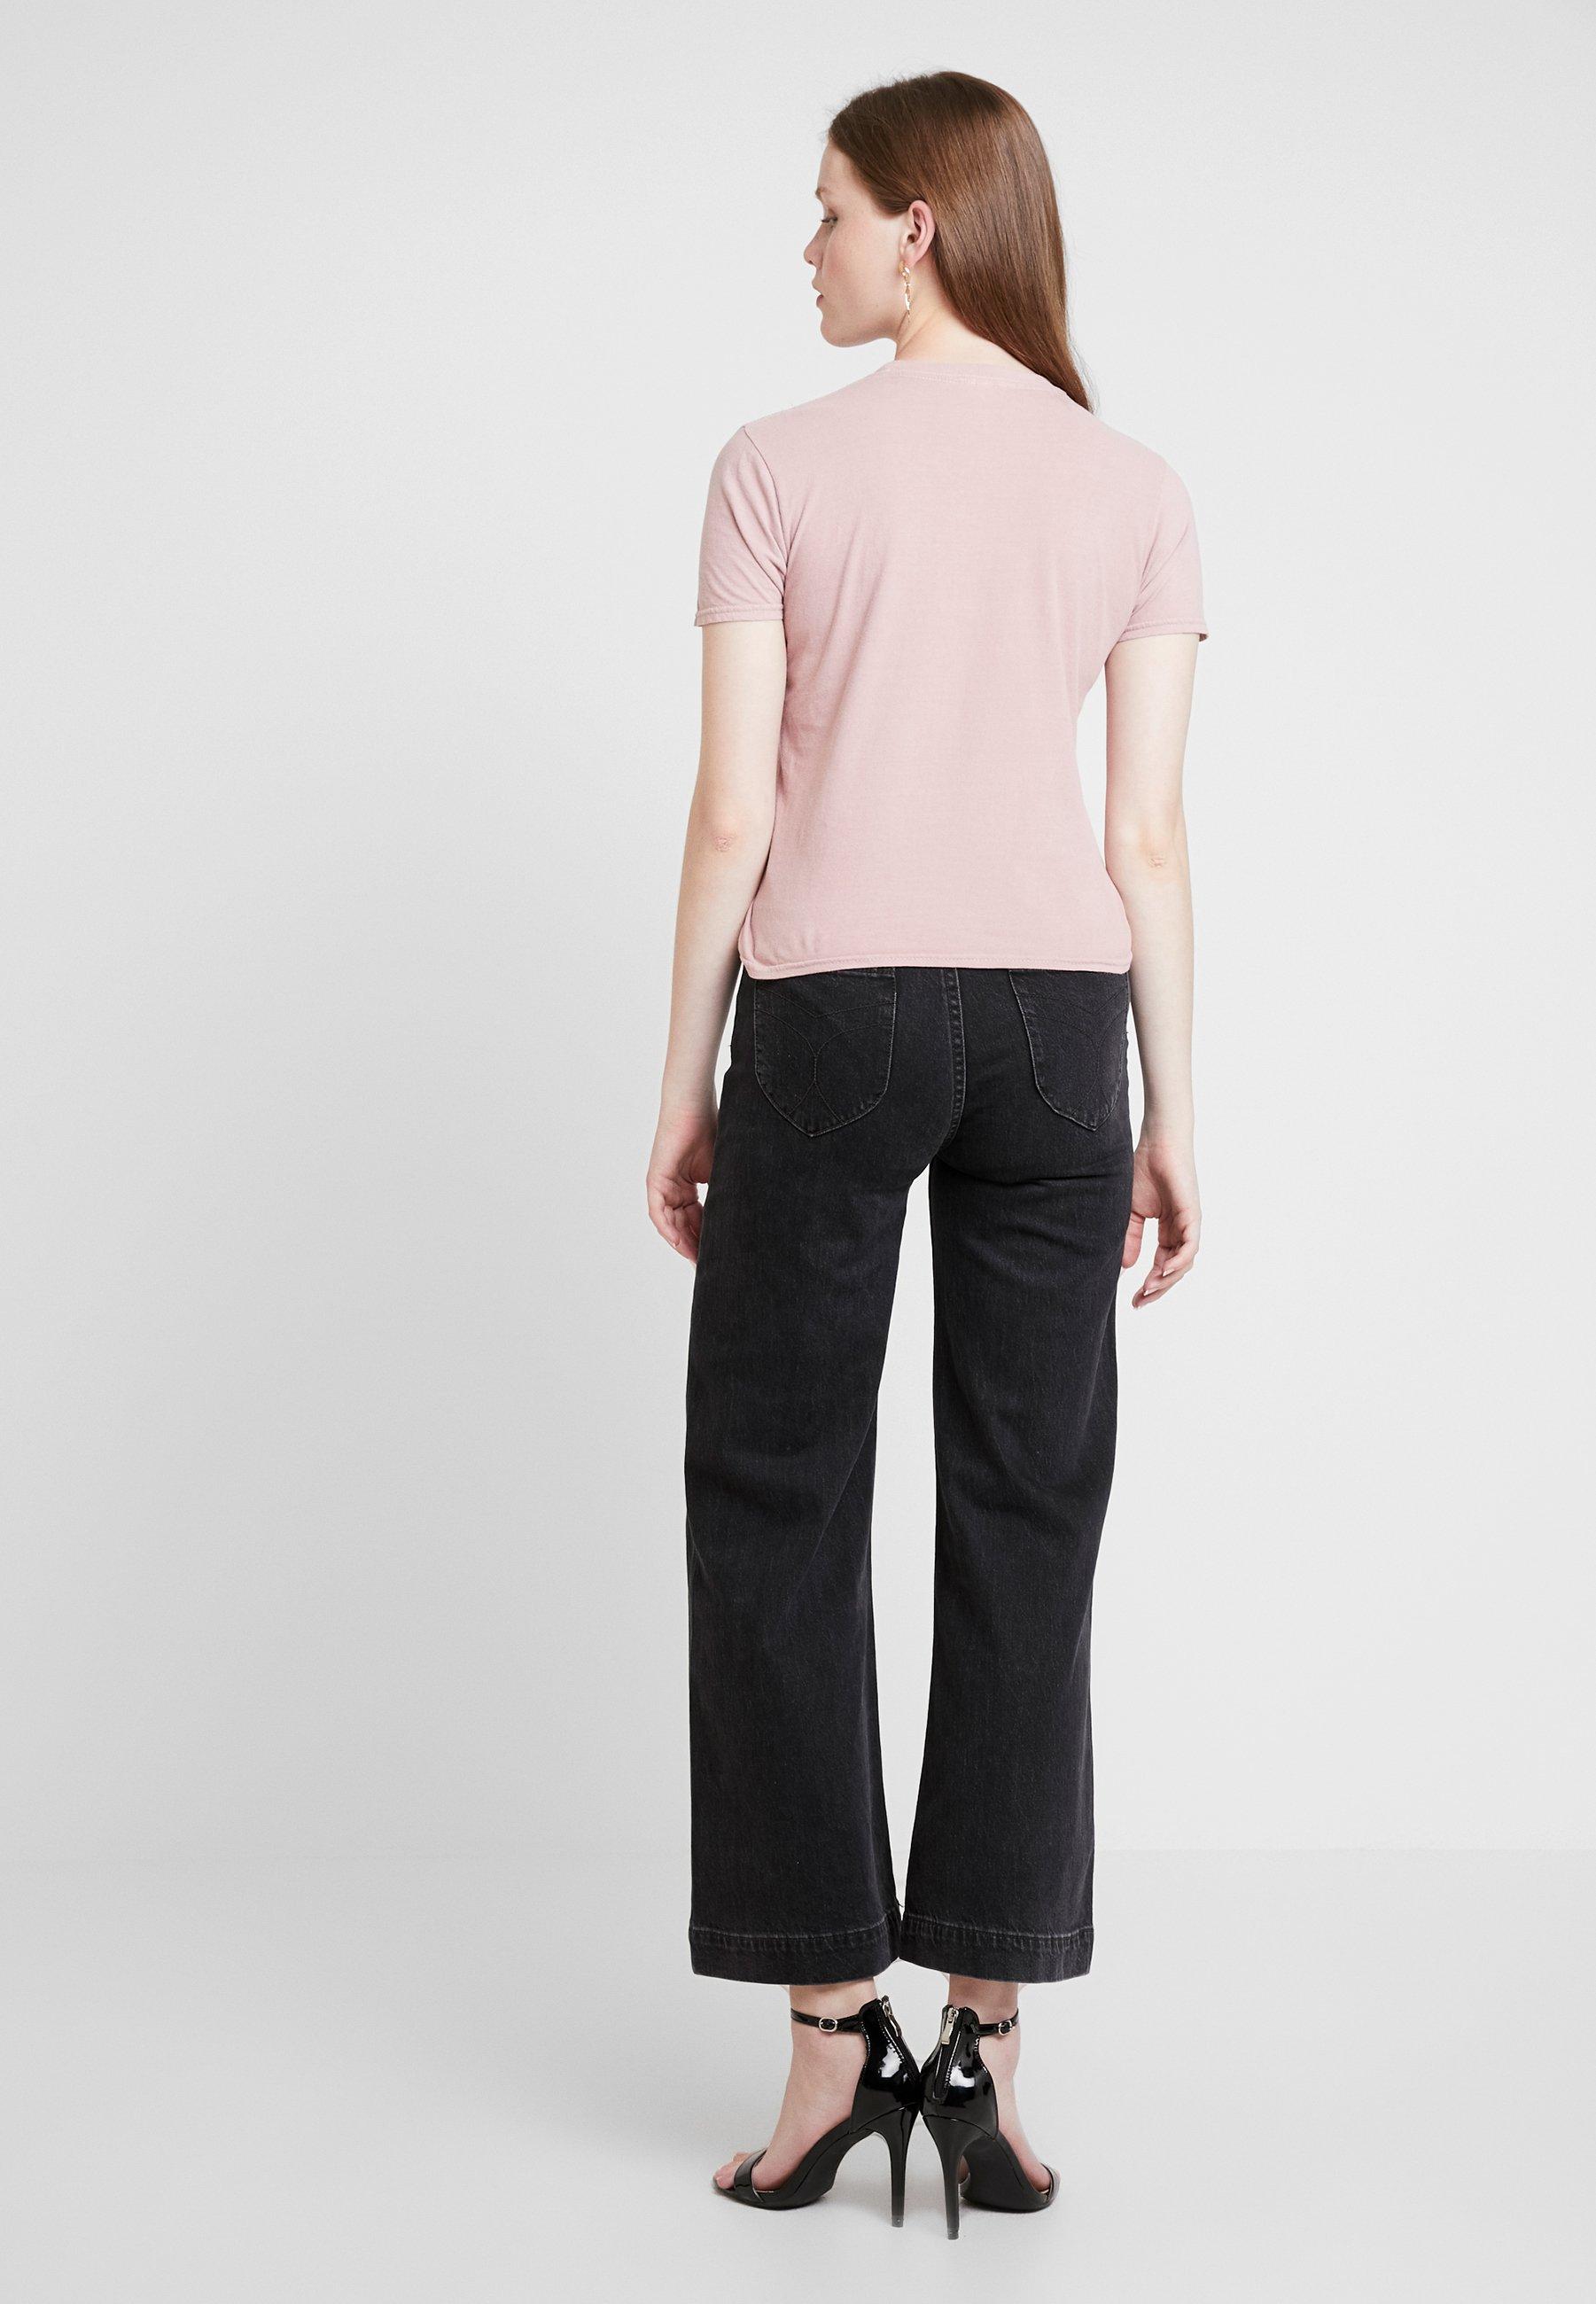 Imprimé Pink shirt Topshop TeeT Japan We9D2IYEH